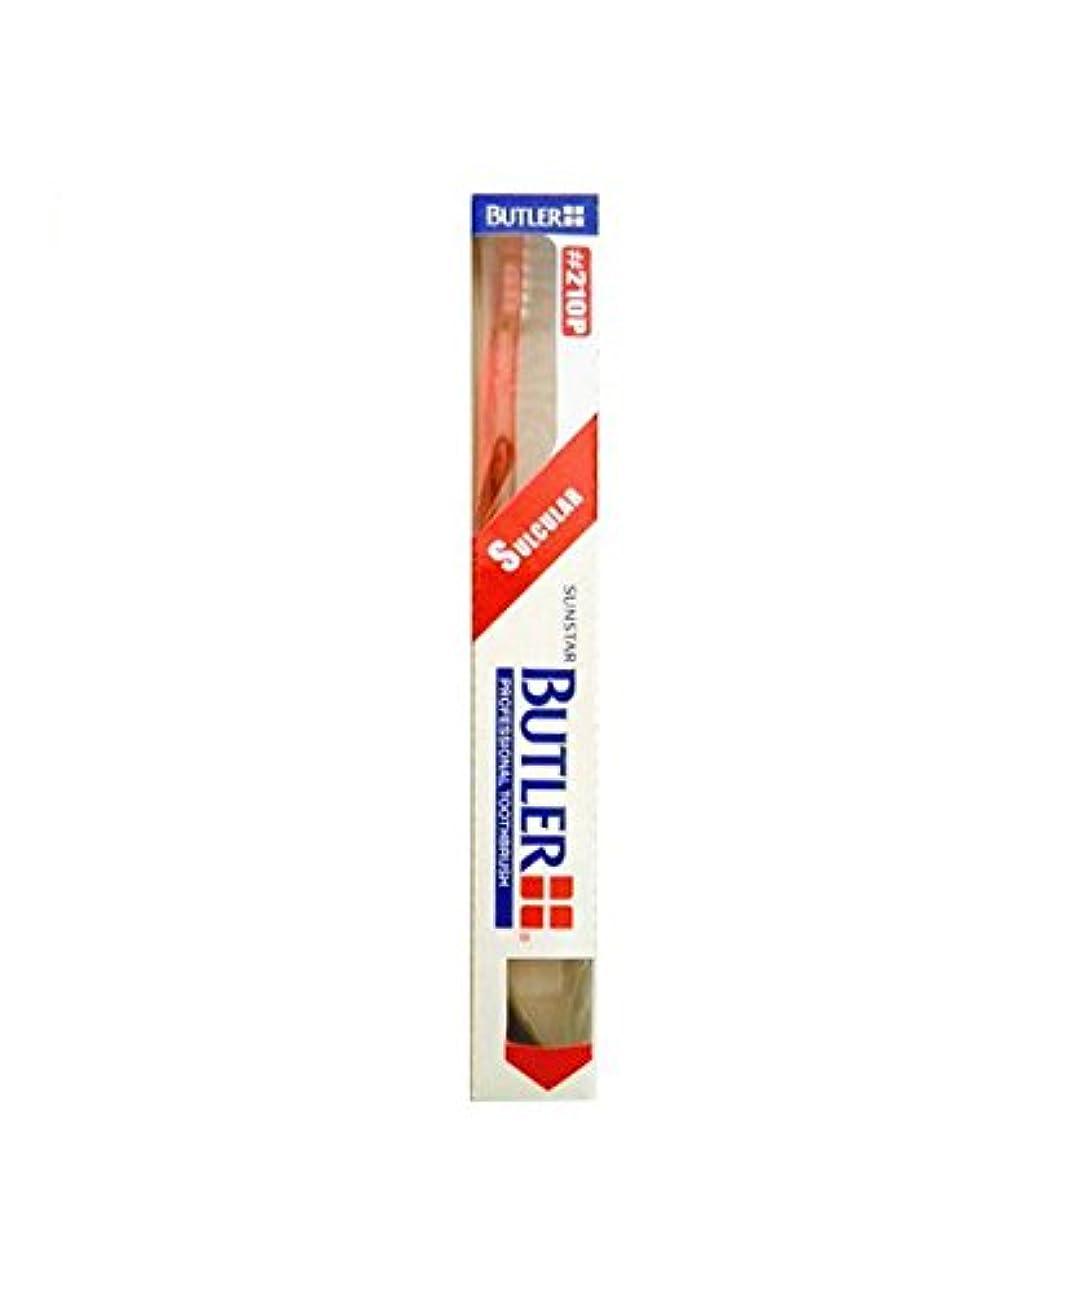 苦難刺激する生物学バトラー 歯ブラシ 1本 (#210P)